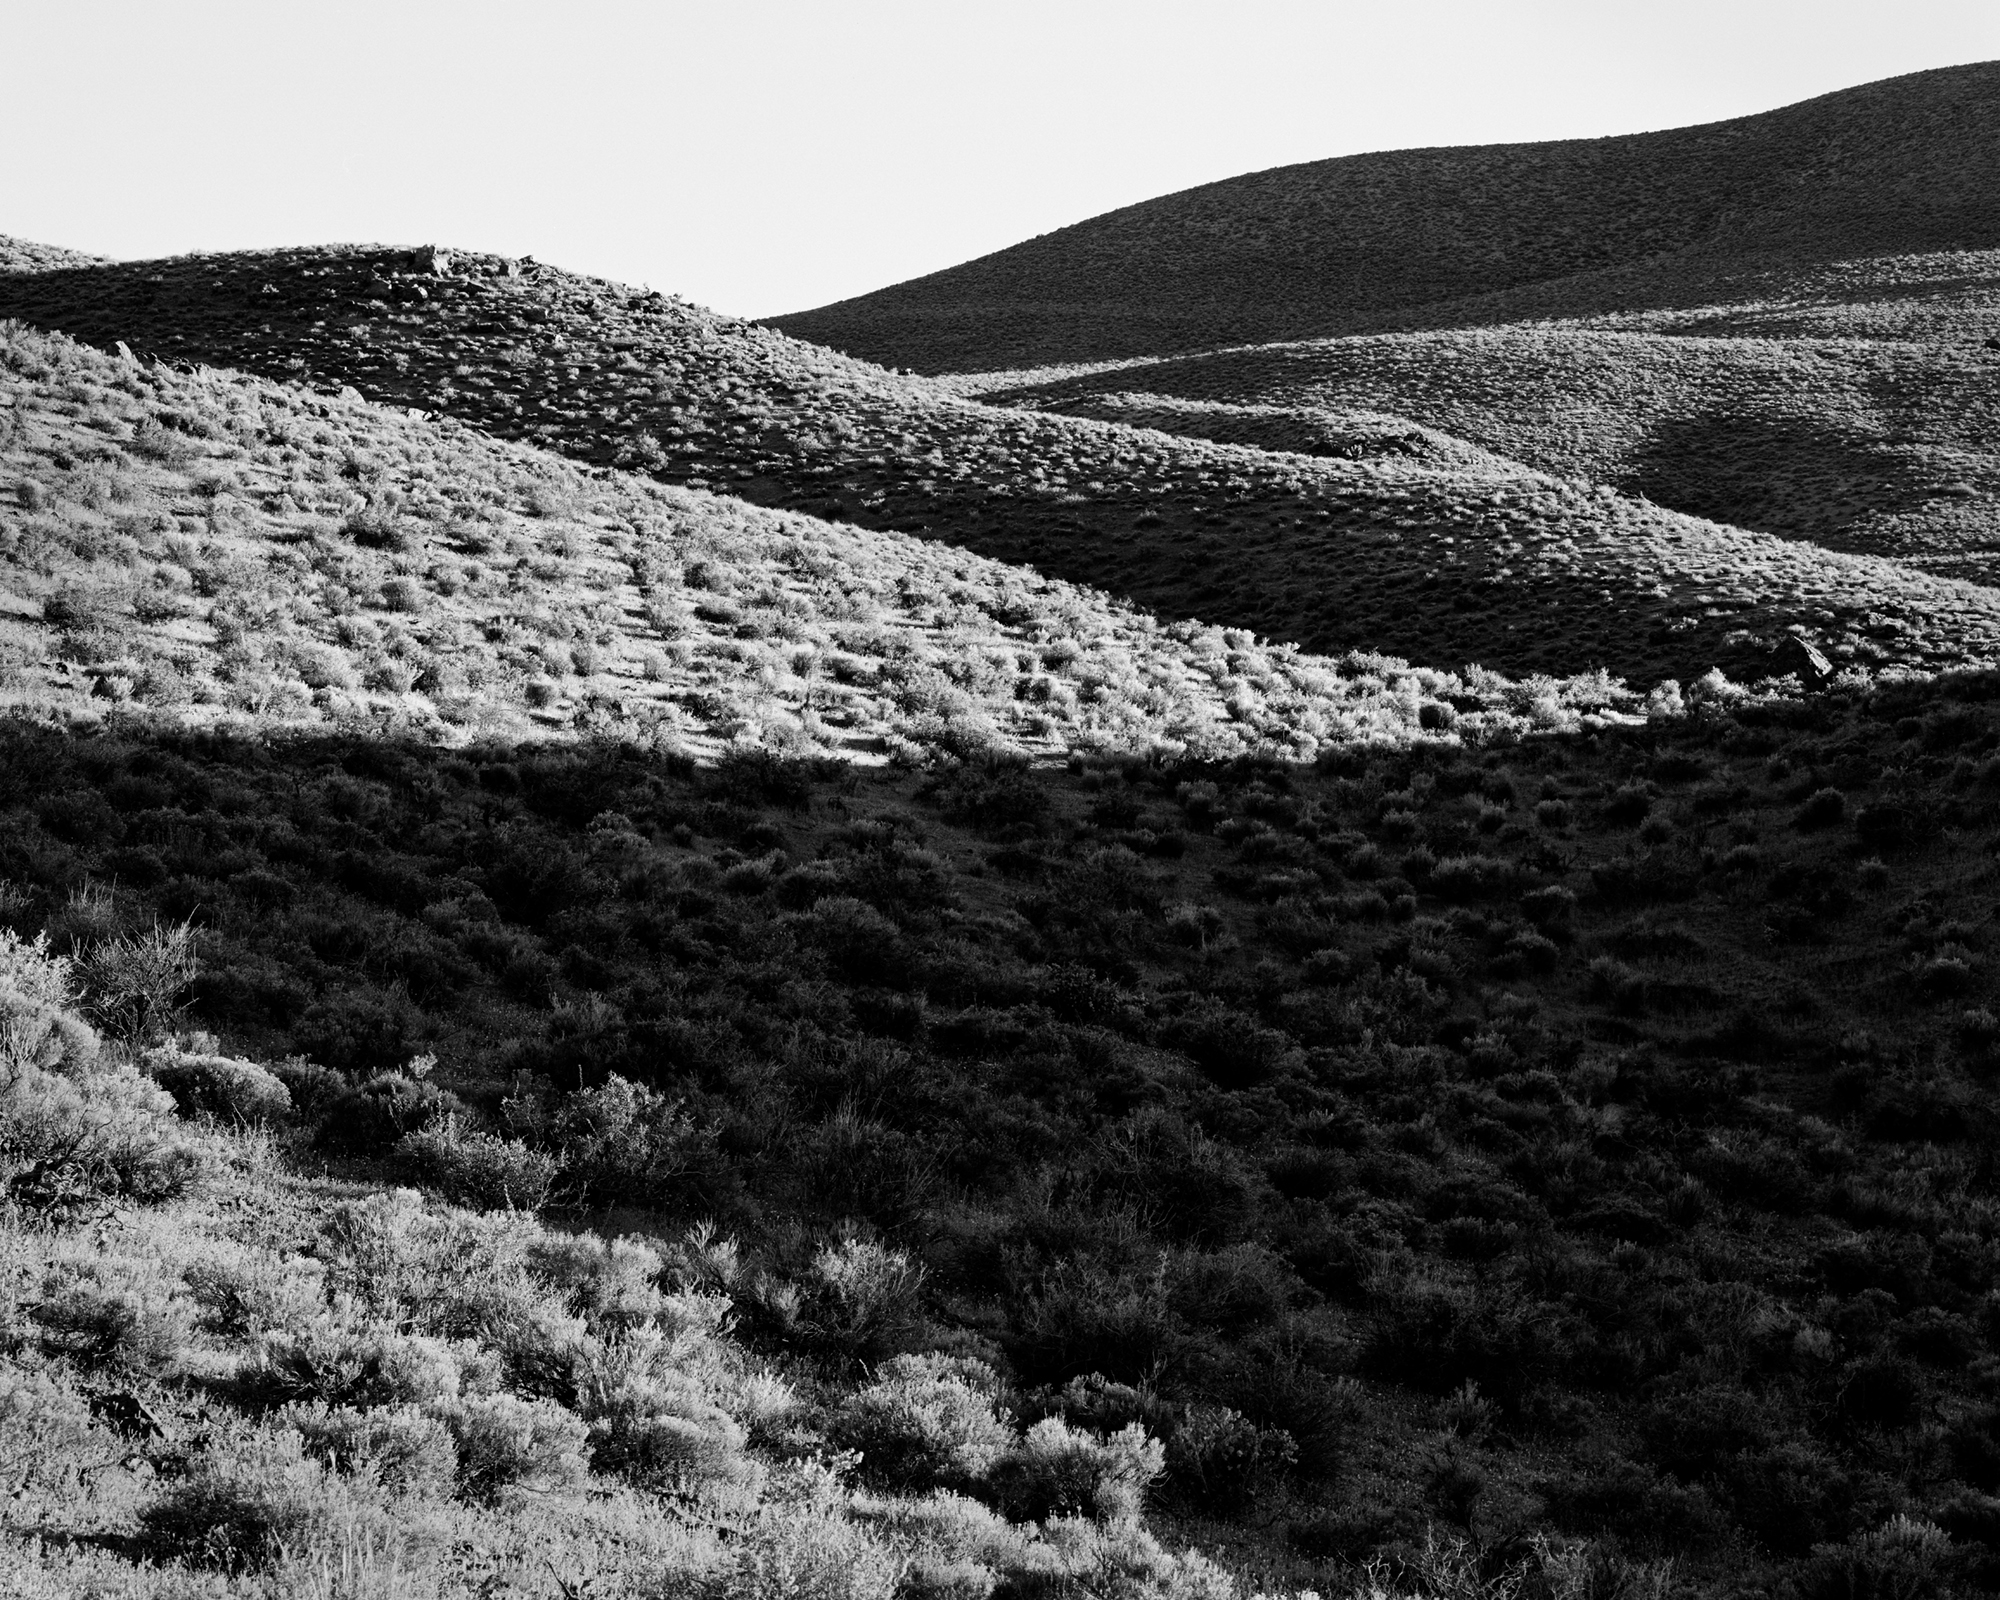 Owens Valley No. 5